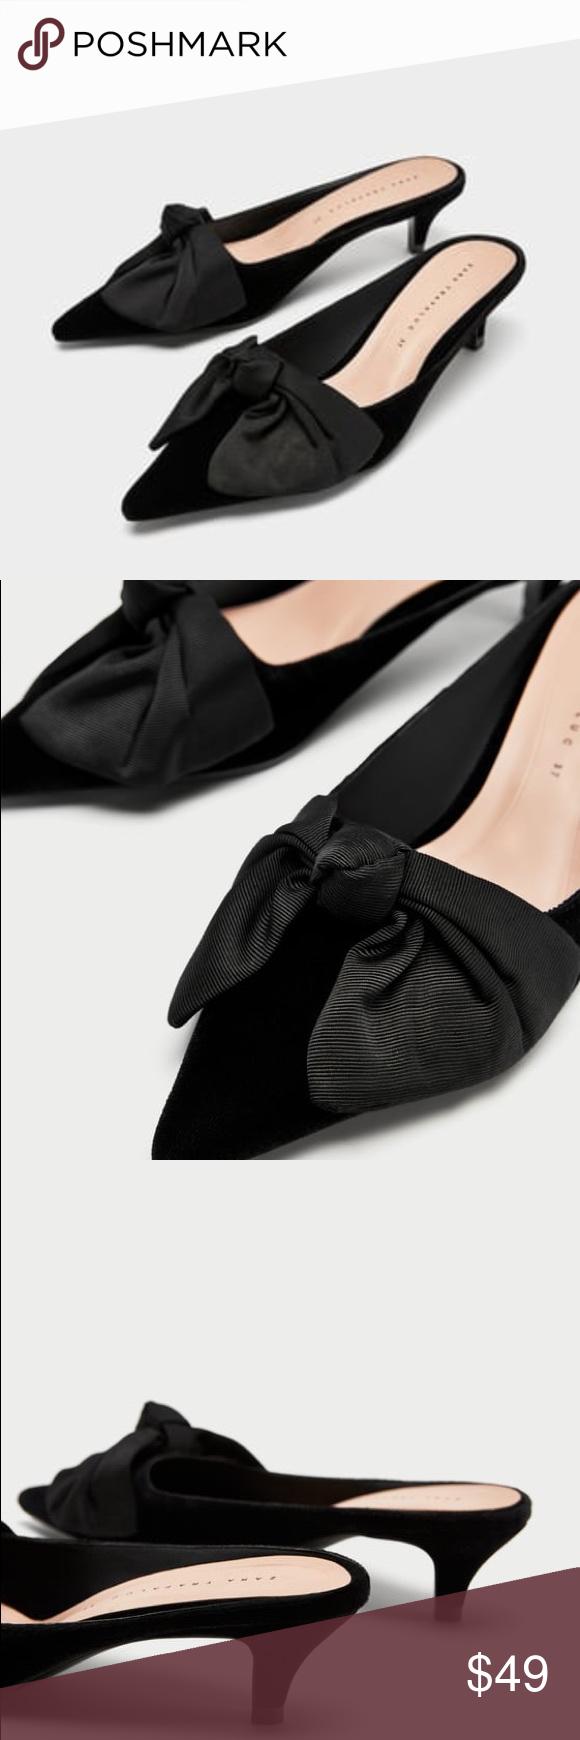 Zara Kitten Heels Mules With Bow Size 7 5 Heels Kitten Heels Heeled Mules